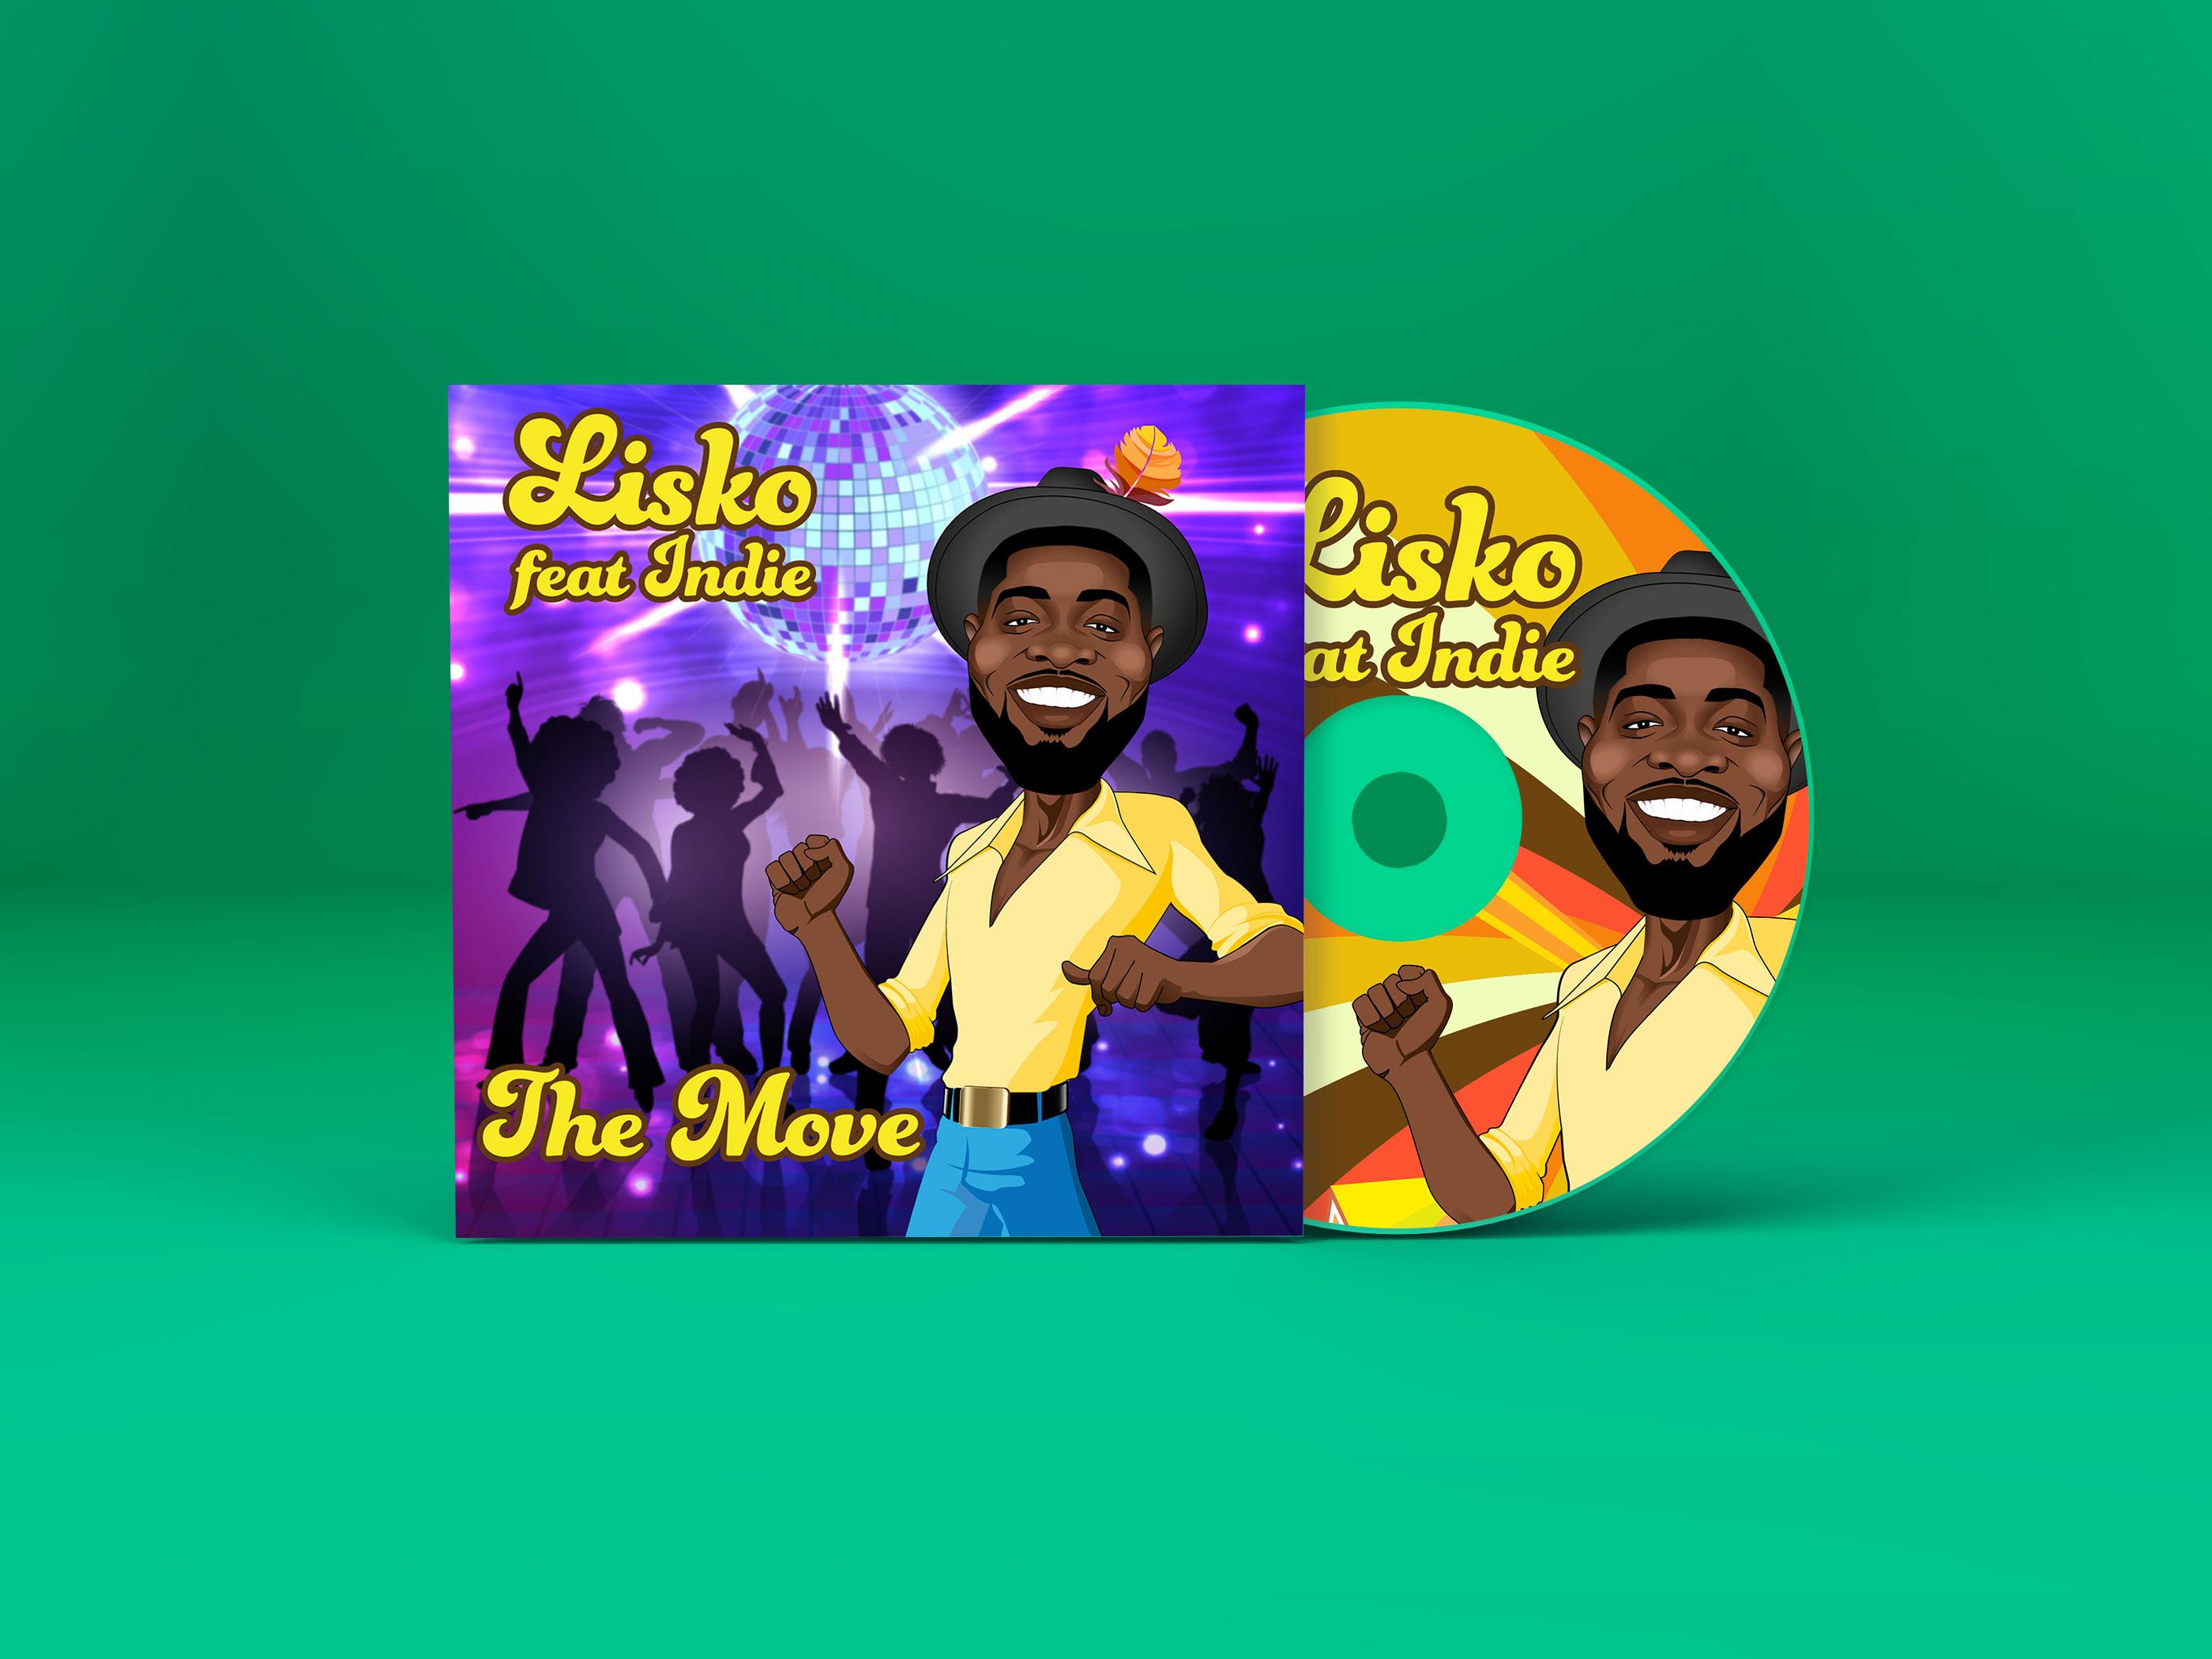 """image de la cover pour le single """"the move"""" du chanteur lisko à voir sur lisko.fr"""